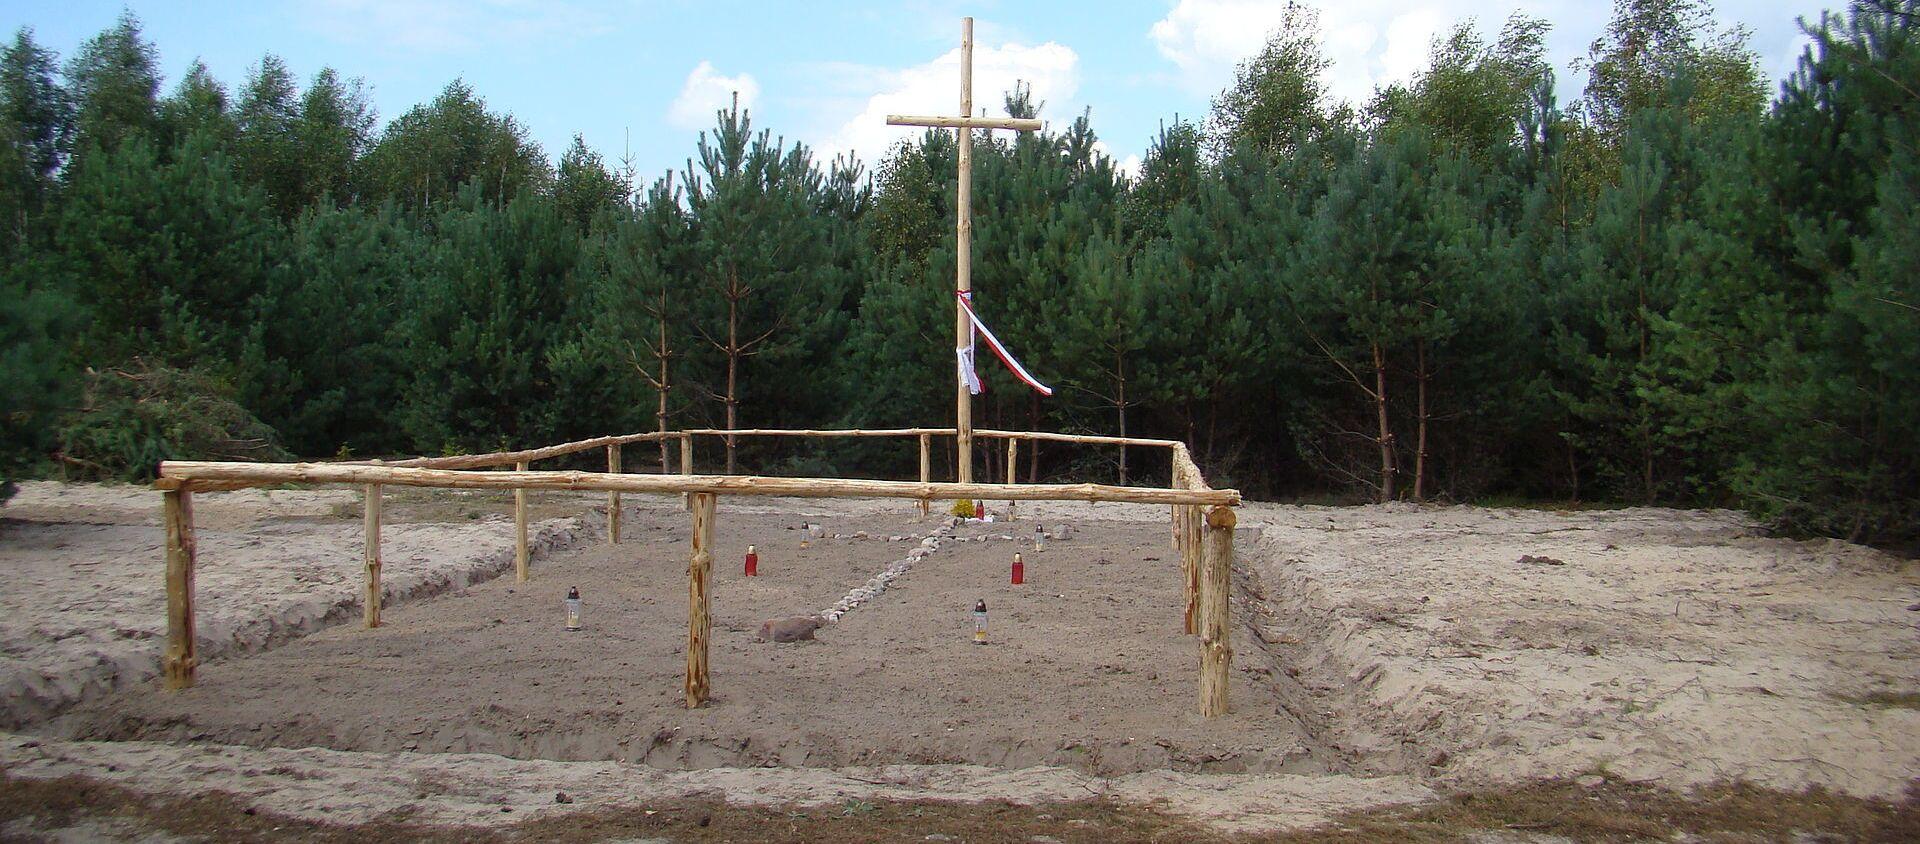 Miejsce ekshumacji ofiar Rzezi Wołyńskiej we wsi Ostruczki na Ukrainie - Sputnik Polska, 1920, 05.09.2020